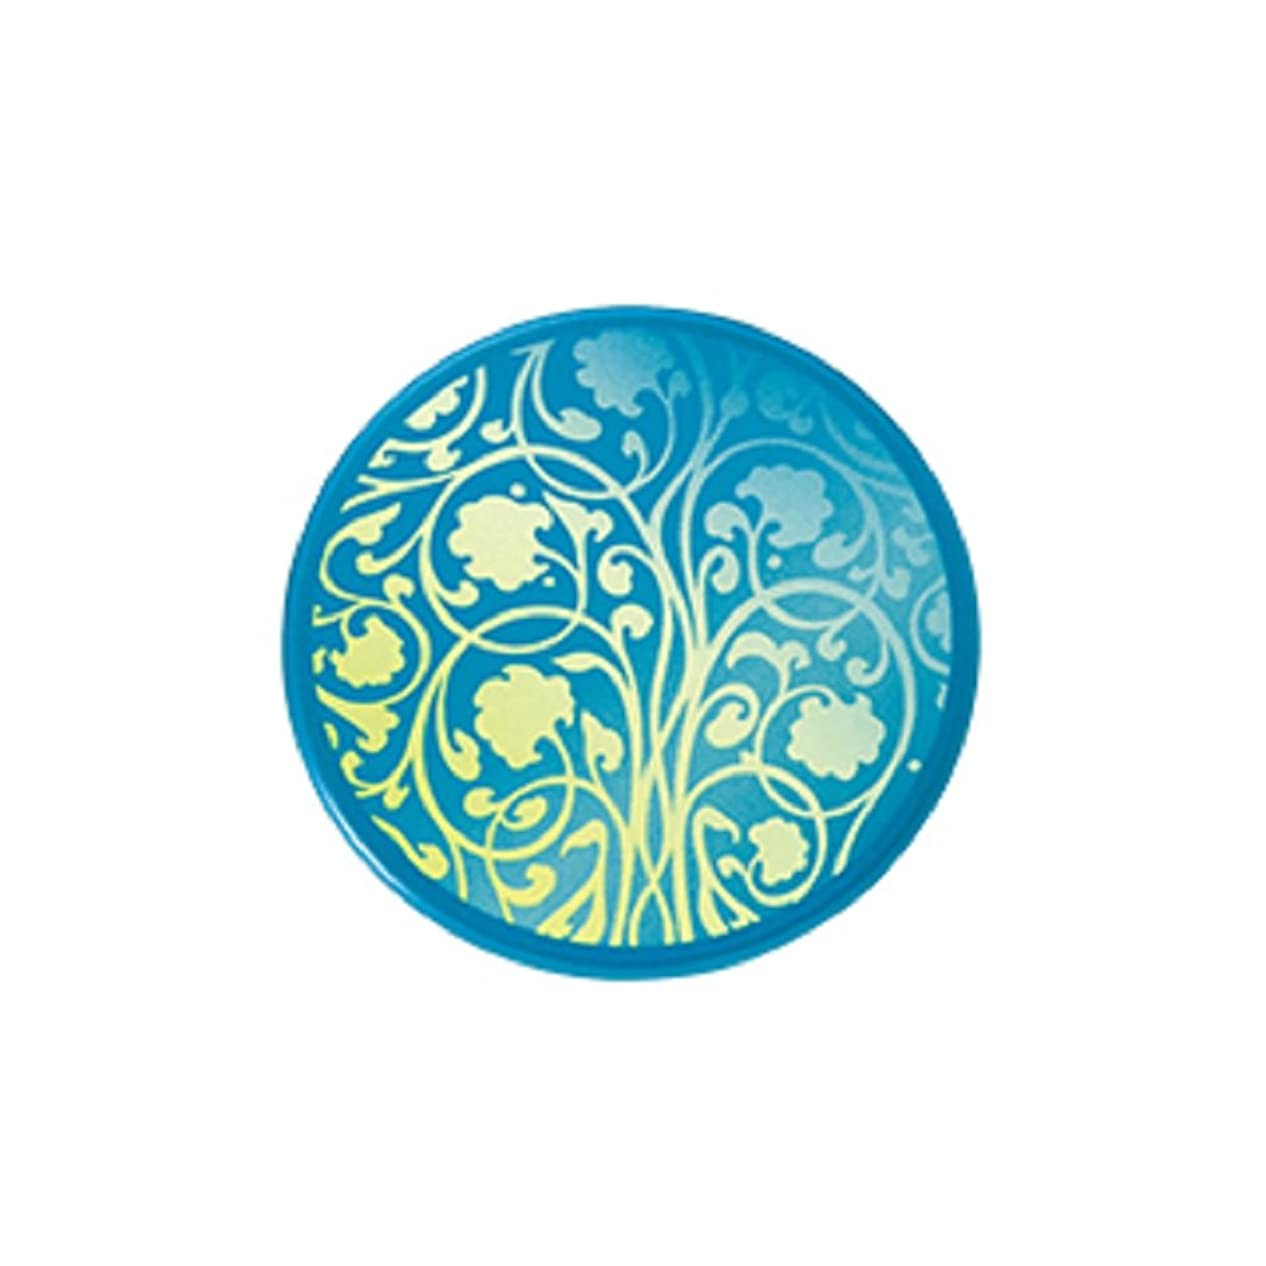 展示会途方もないお勧めアユーラ (AYURA) ウェルフィット アロマバーム 14g 〈ソリッドパヒューム〉 心地よい森林の香気